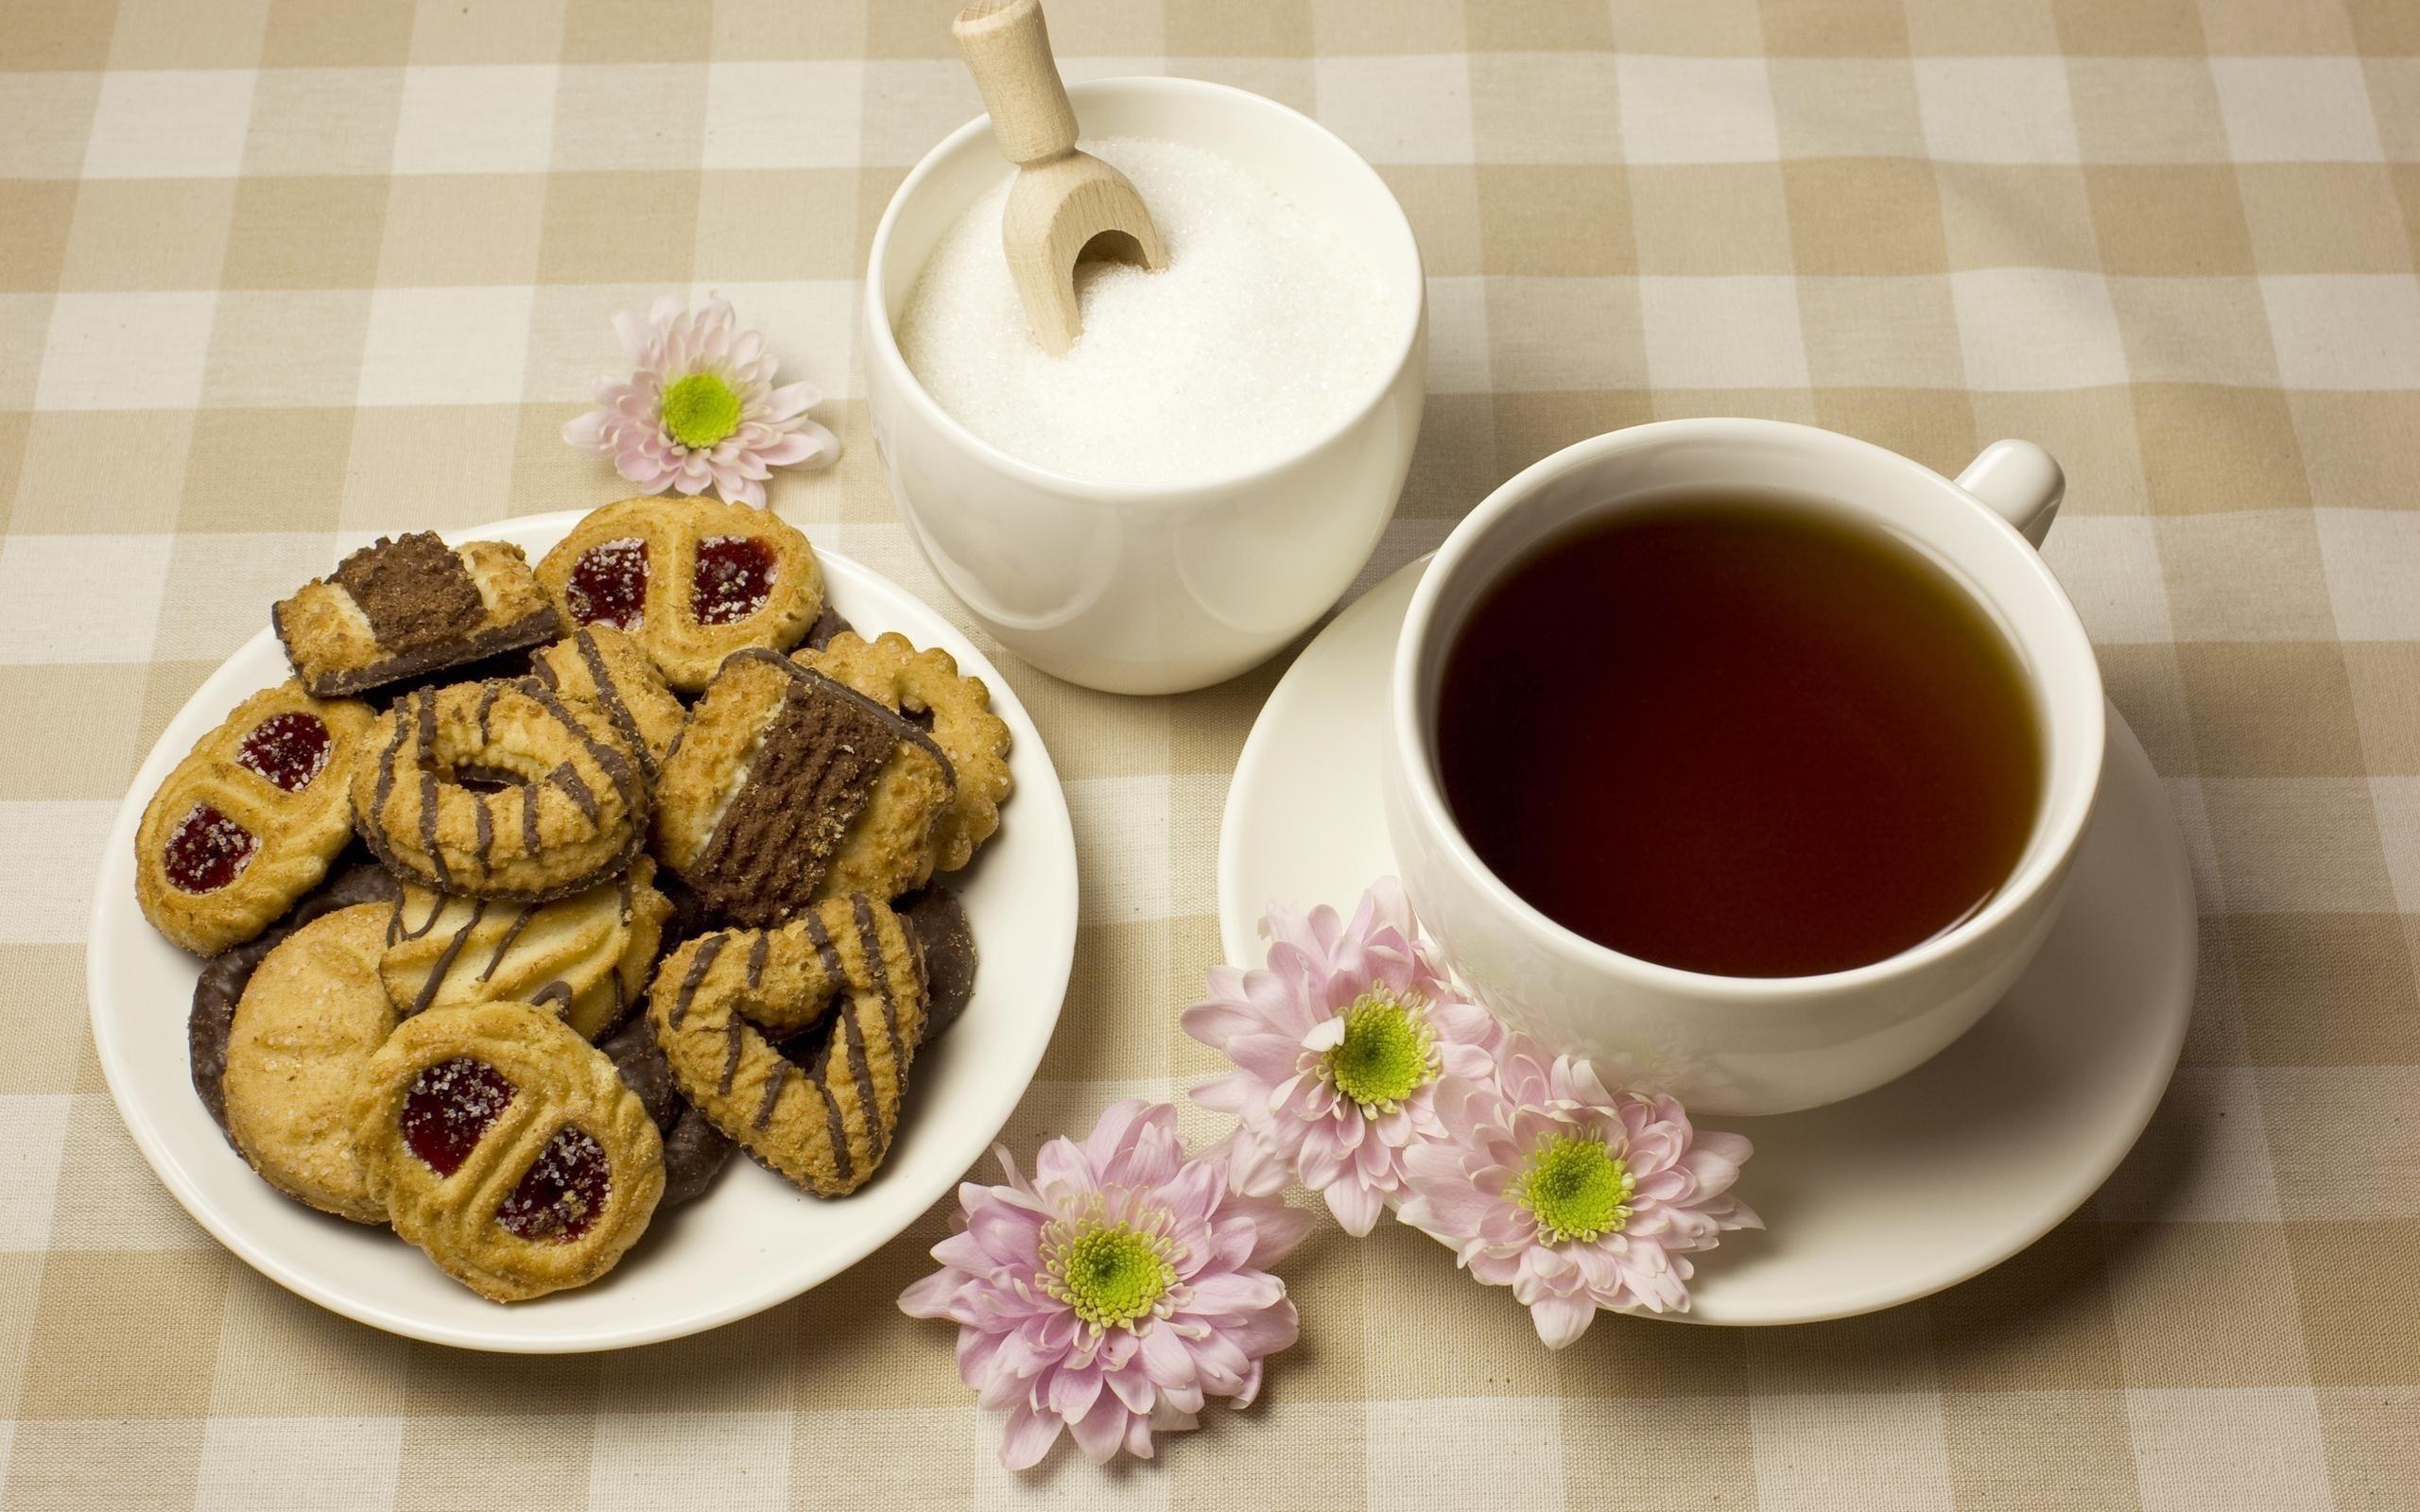 Про работу, чай с печеньками открытки